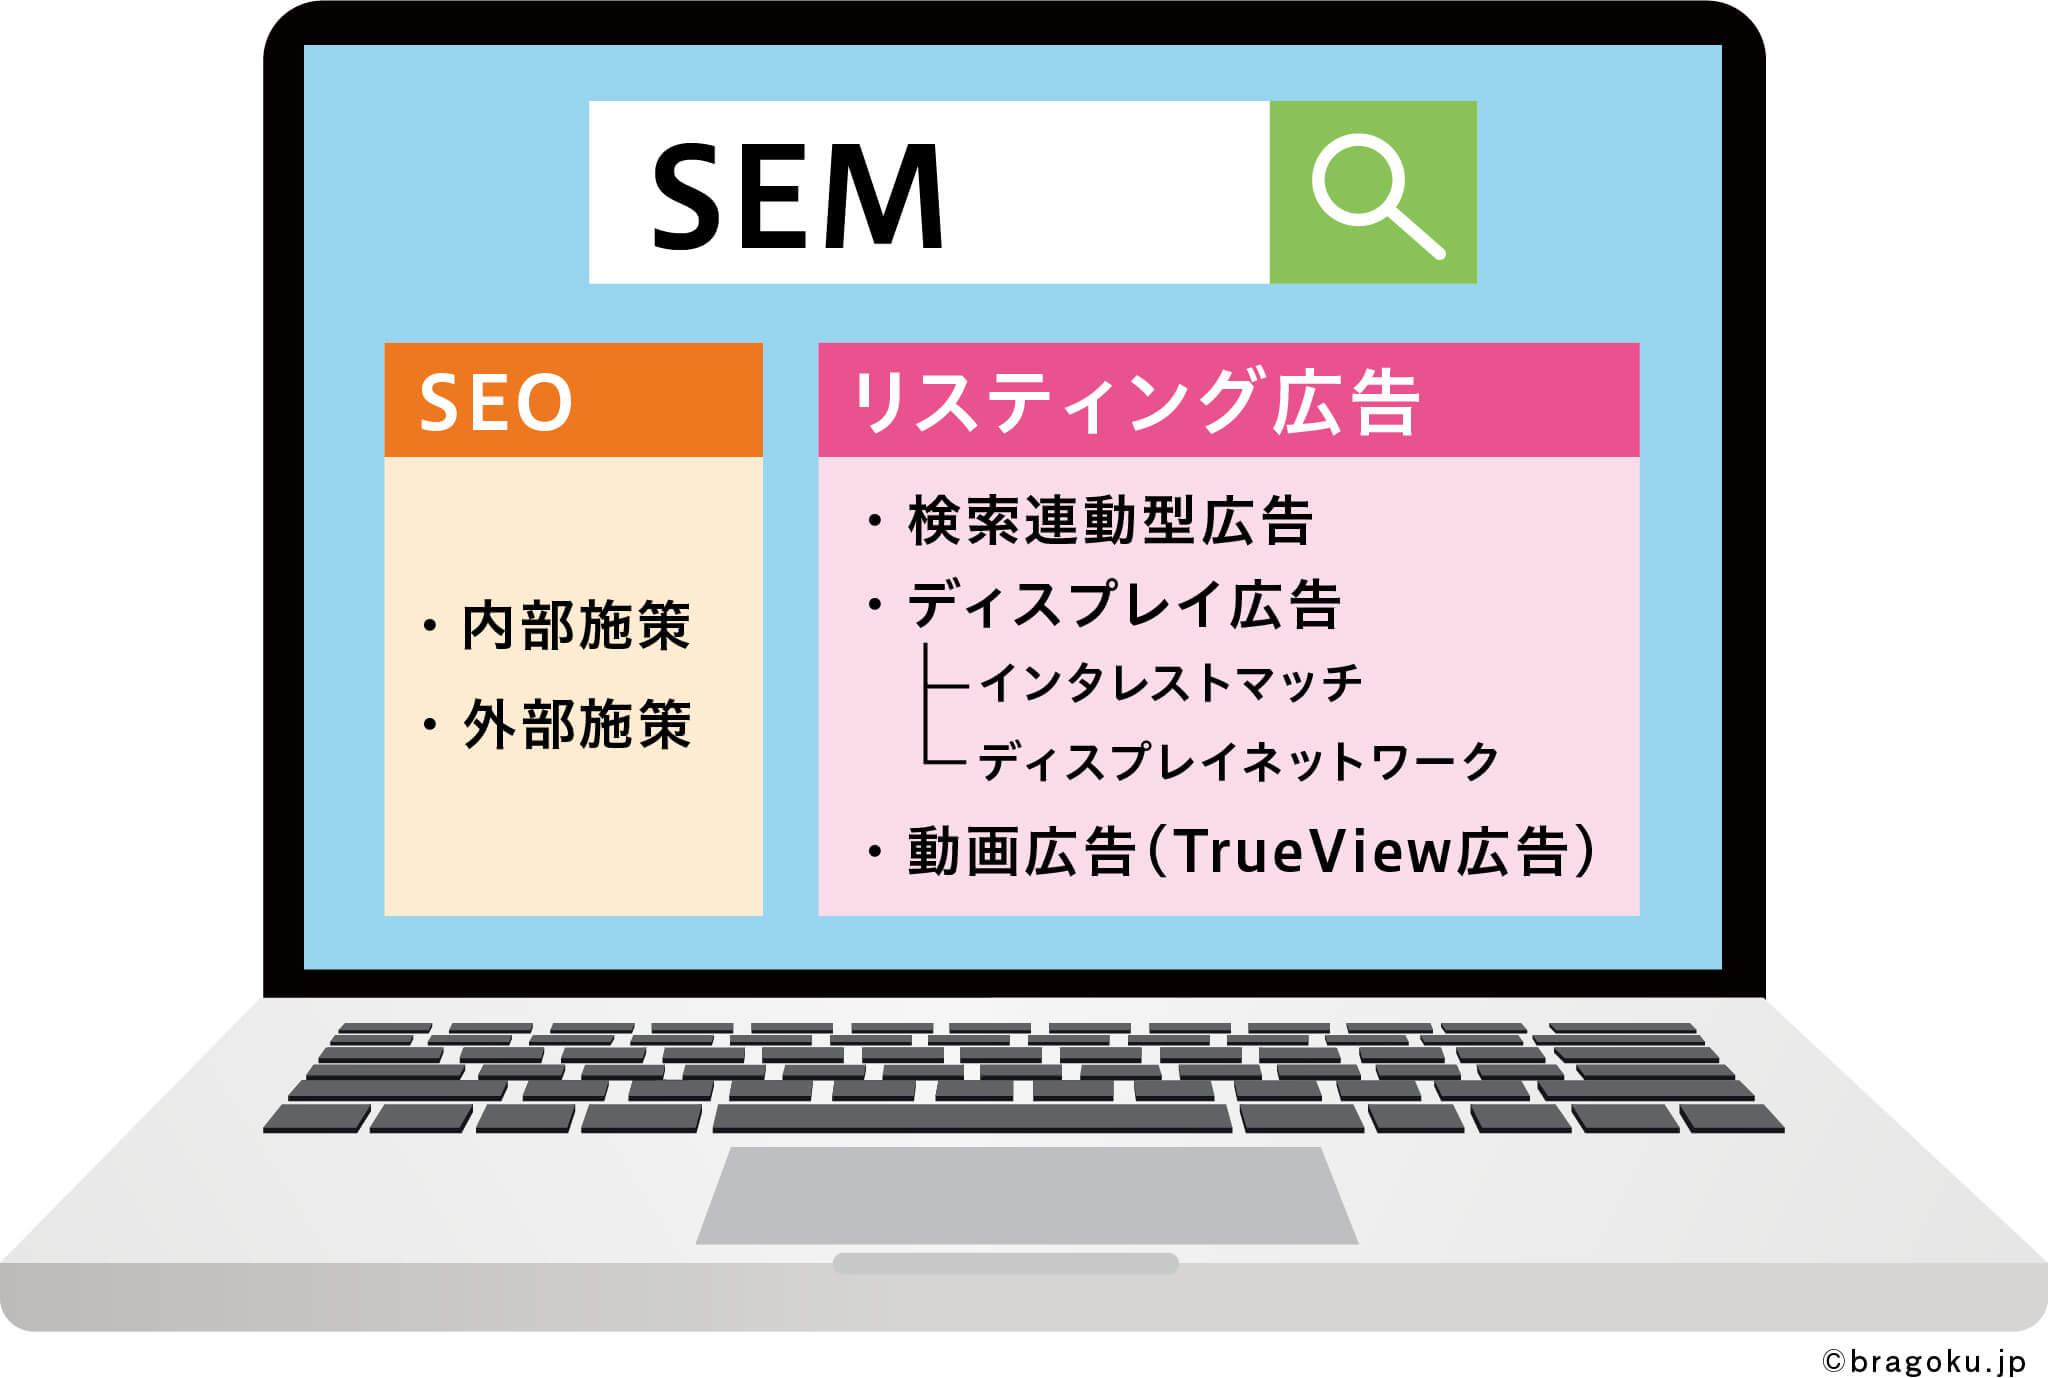 ブランド創出の極意(ブラゴク)のカテゴリ『伝える』の記事、SEMをはじめよう【第1回】 SEMとは? SEMの大分類と、SEO、リスティング広告などの相関関係の画像